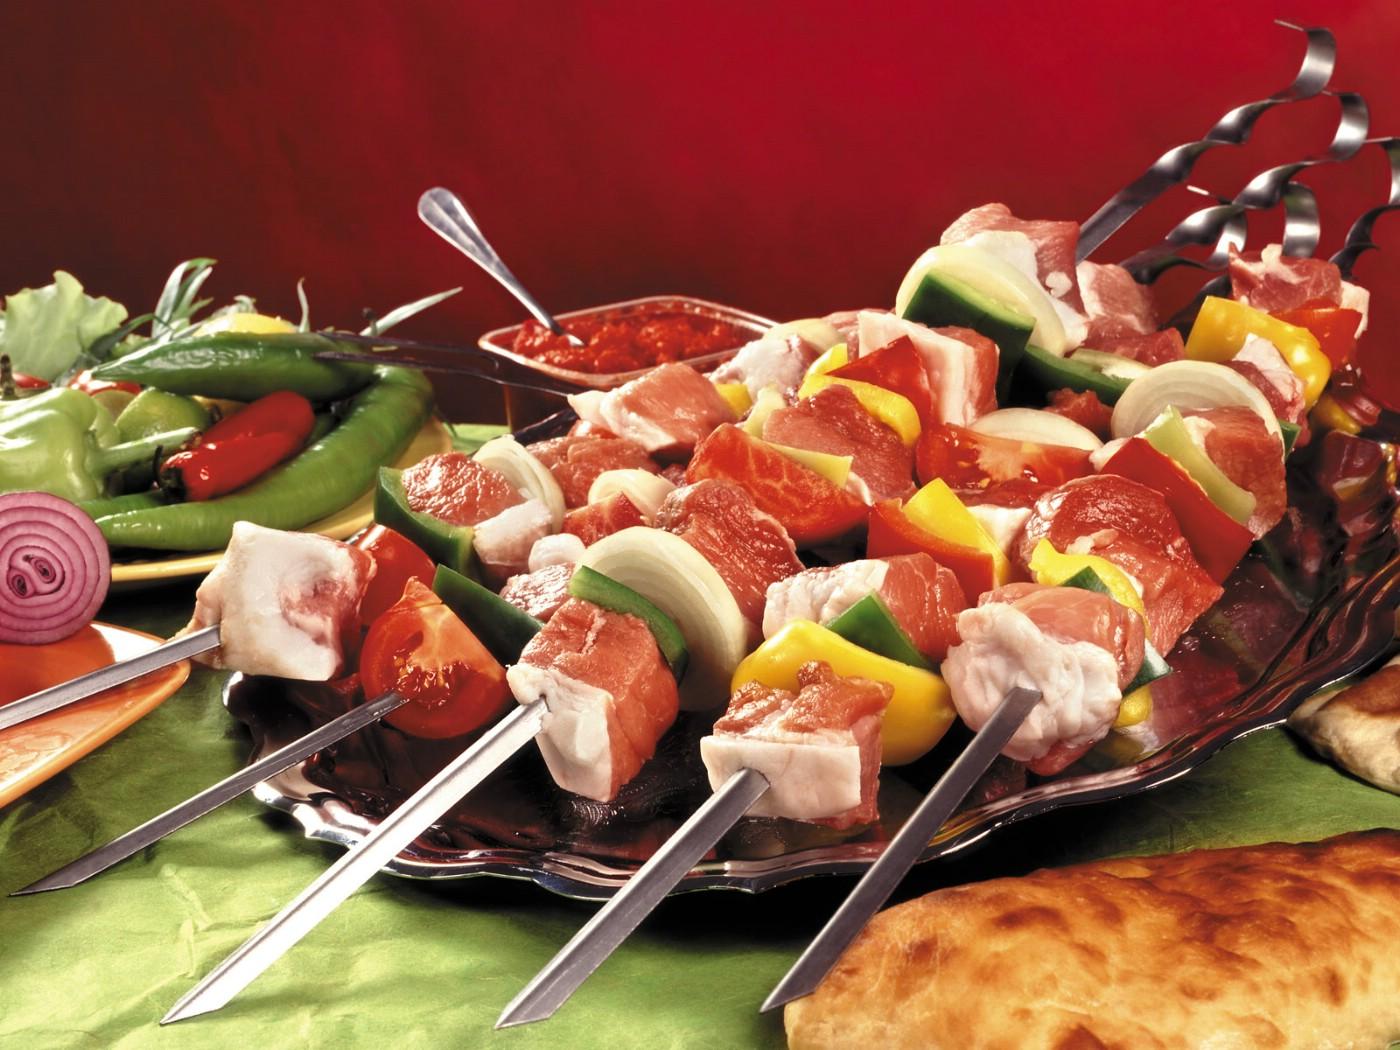 壁纸1400×1050美味烧烤 5 16壁纸 美味烧烤壁纸图片美食壁纸美食图片素材桌面壁纸